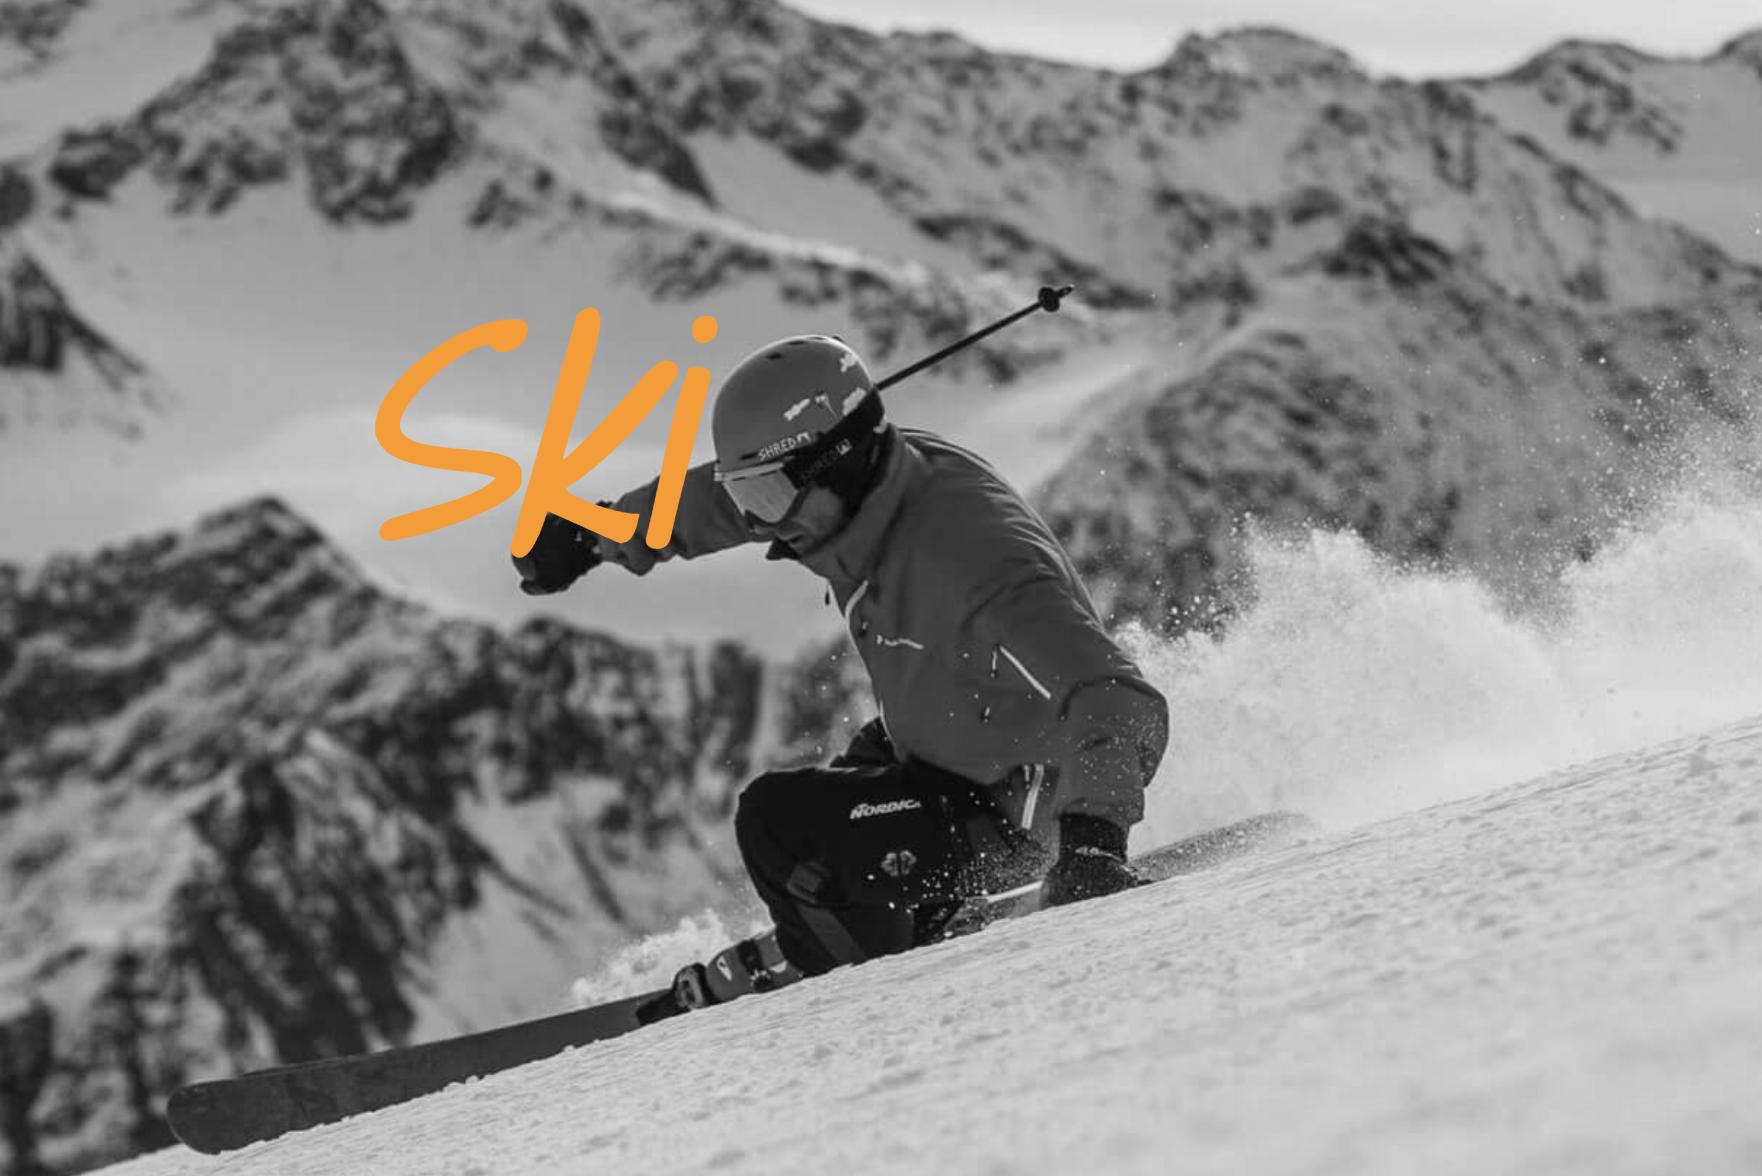 Skis Blizzard de chez ubac - 700$